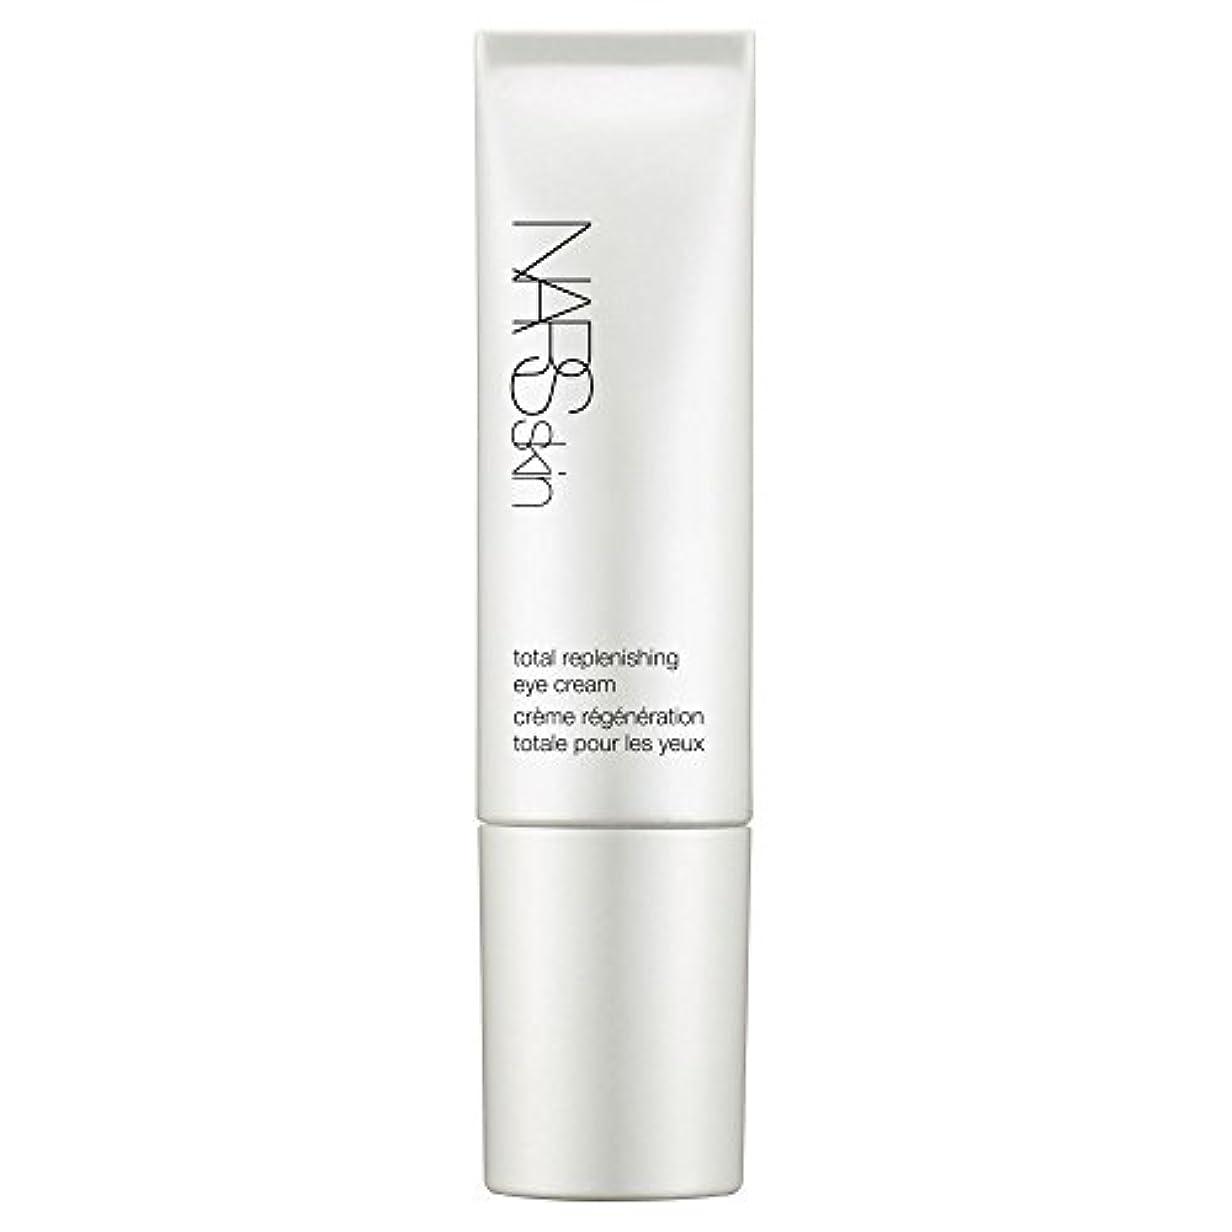 彼女自身ポテト歴史的[NARS] Narsskin総補充アイクリーム15Ml - Narsskin Total Replenishing Eye Cream 15ml [並行輸入品]